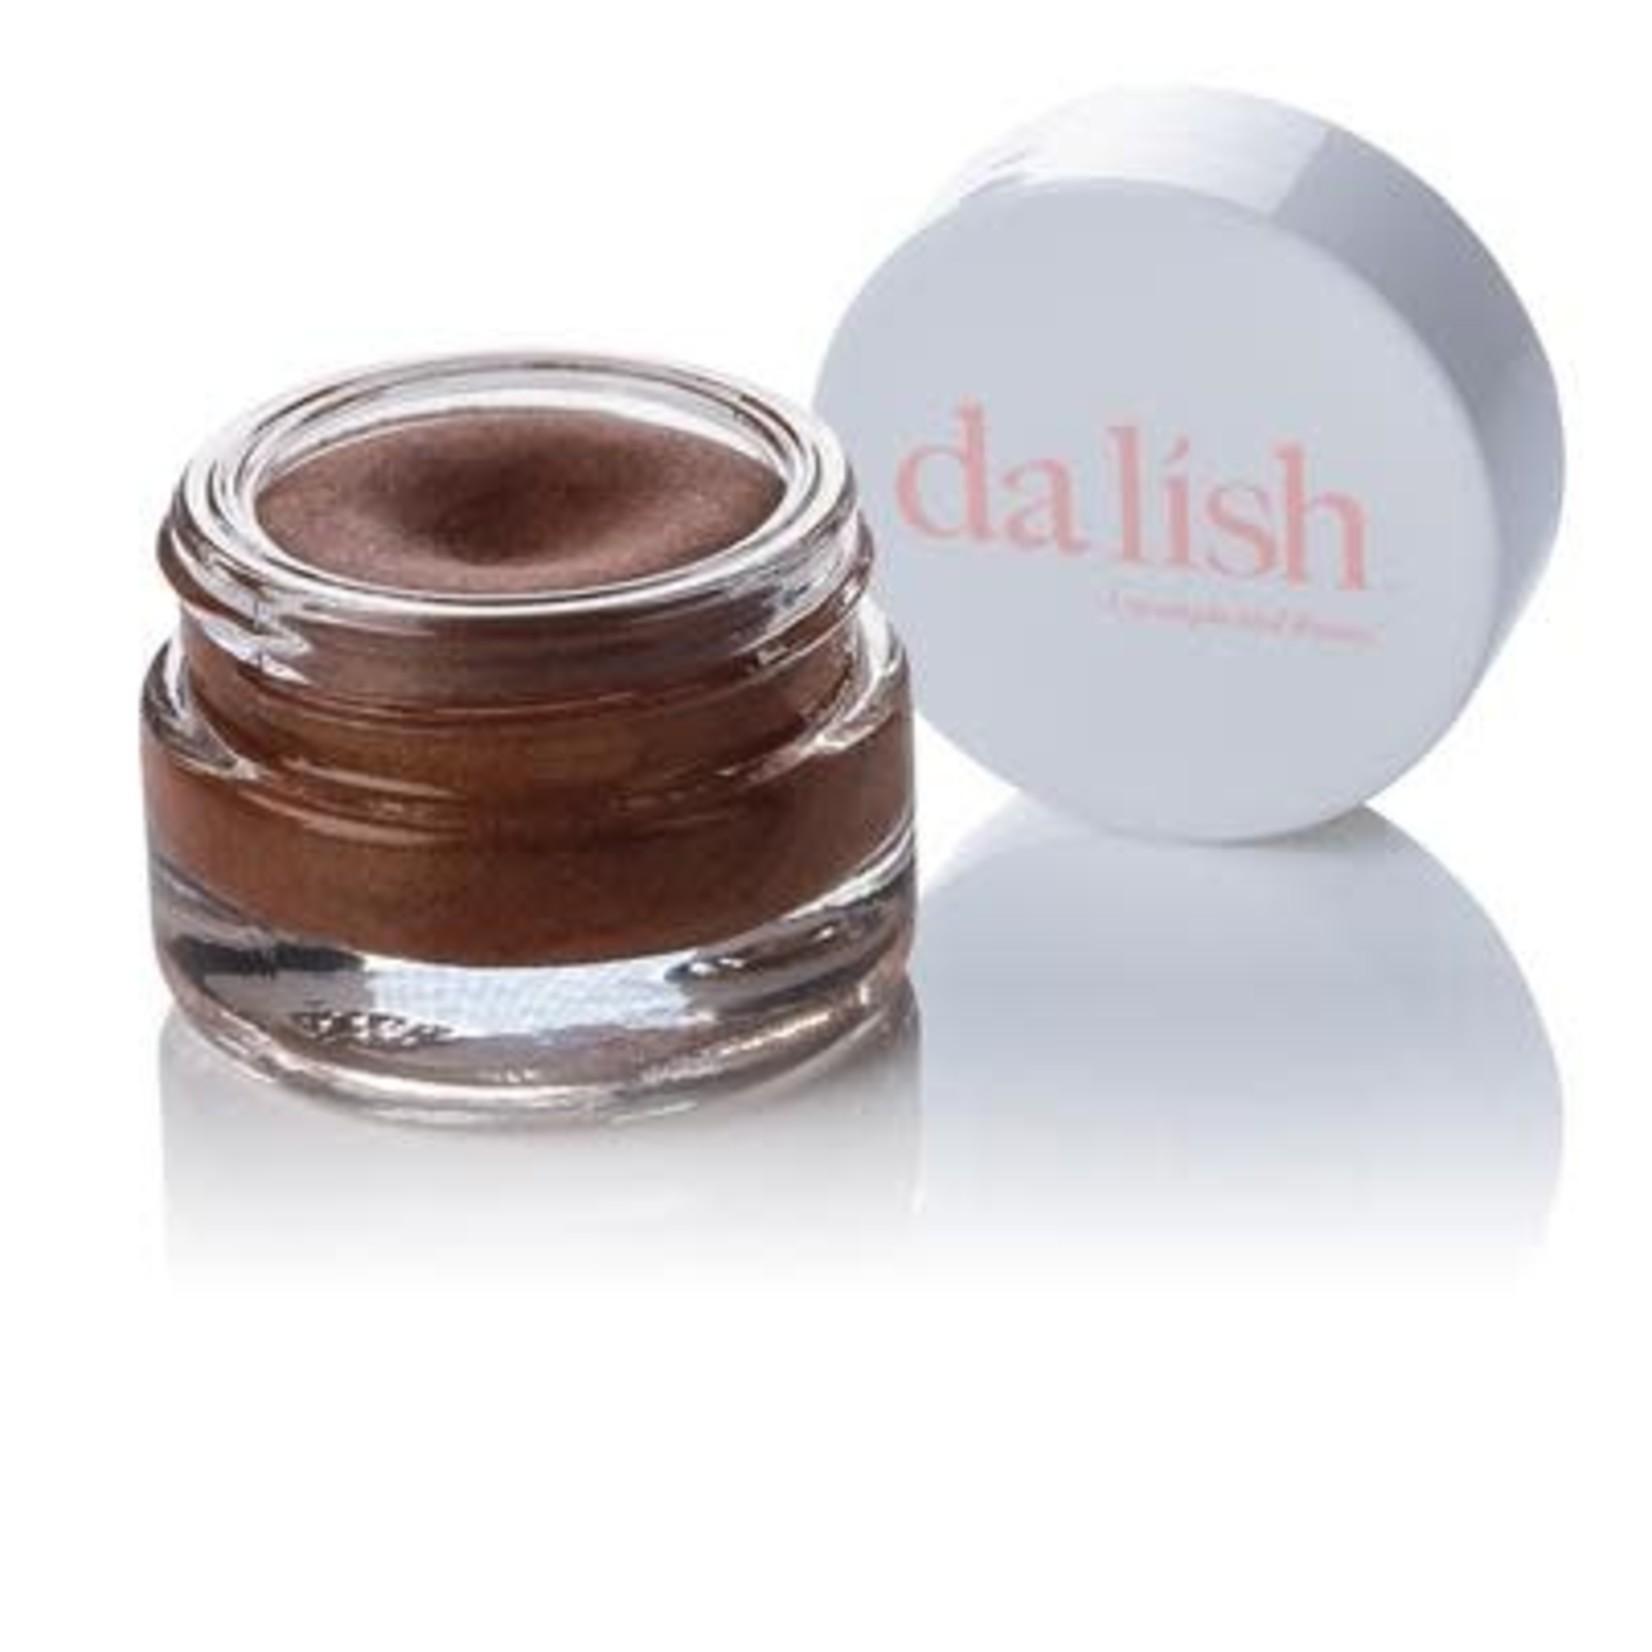 Dalish Lip and Cheek Blam